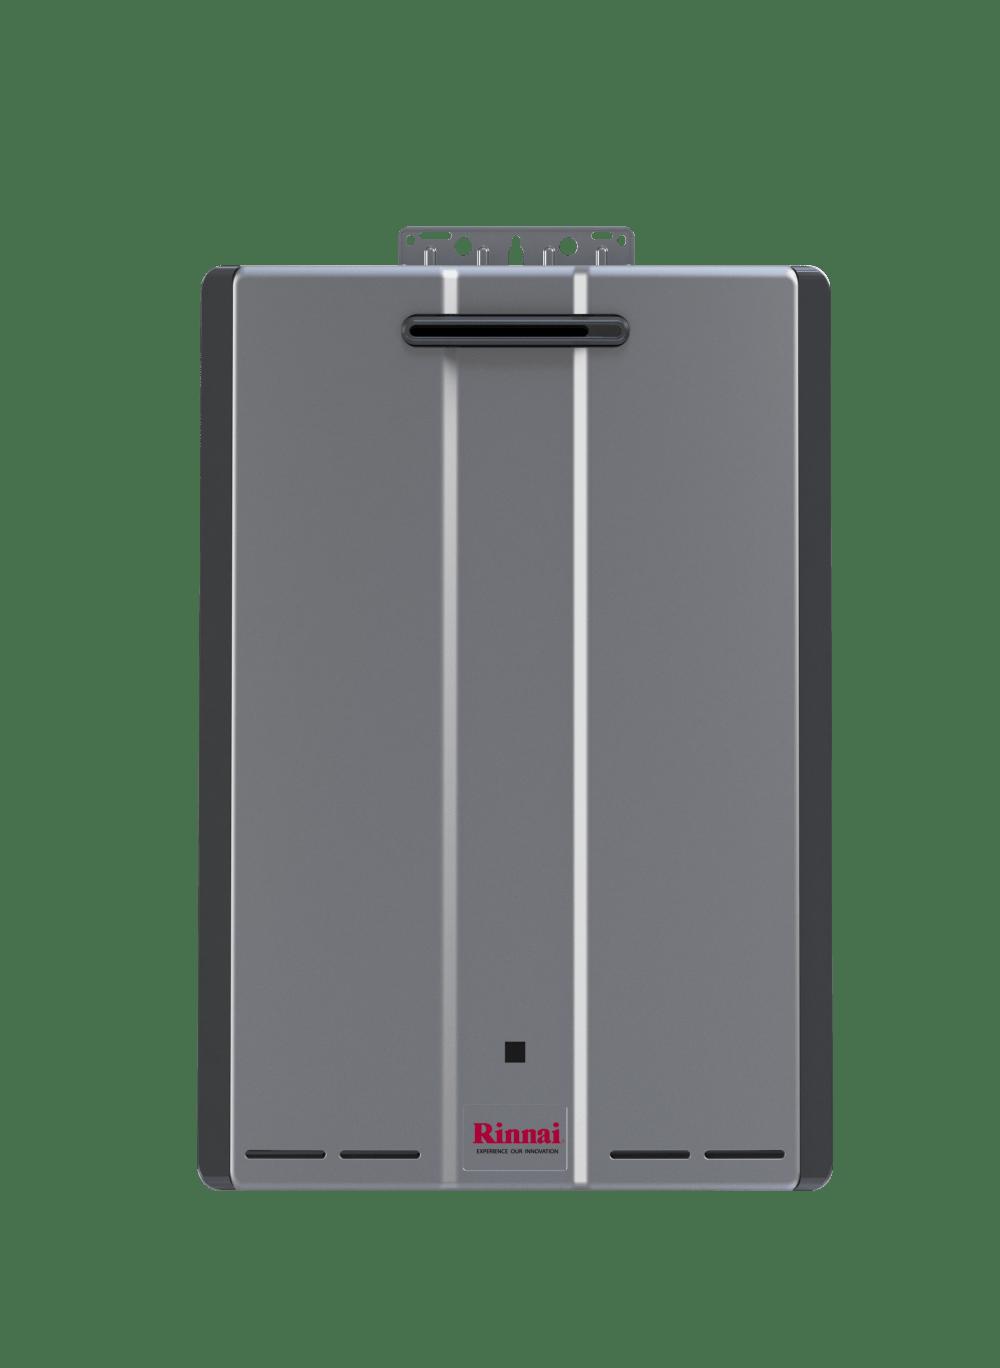 medium resolution of ru199ep ru model series super high efficiency plus tankless water heater